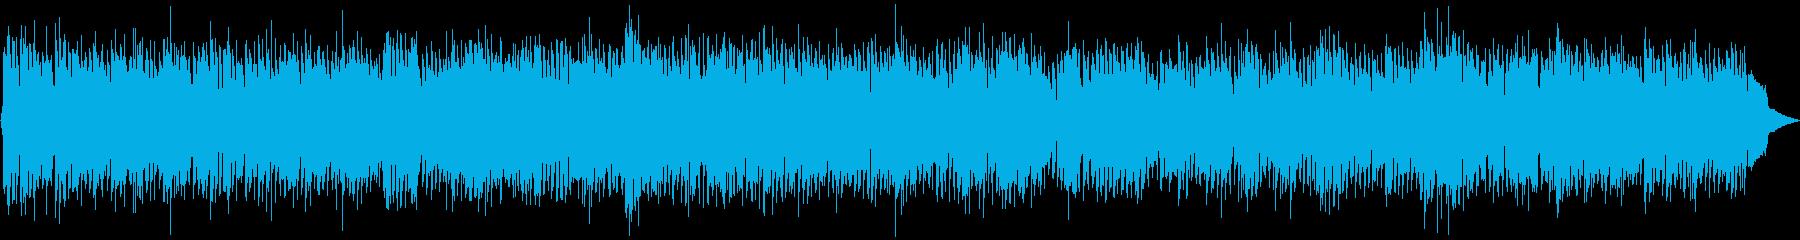 周りに共感を得たいときのポップBGMの再生済みの波形